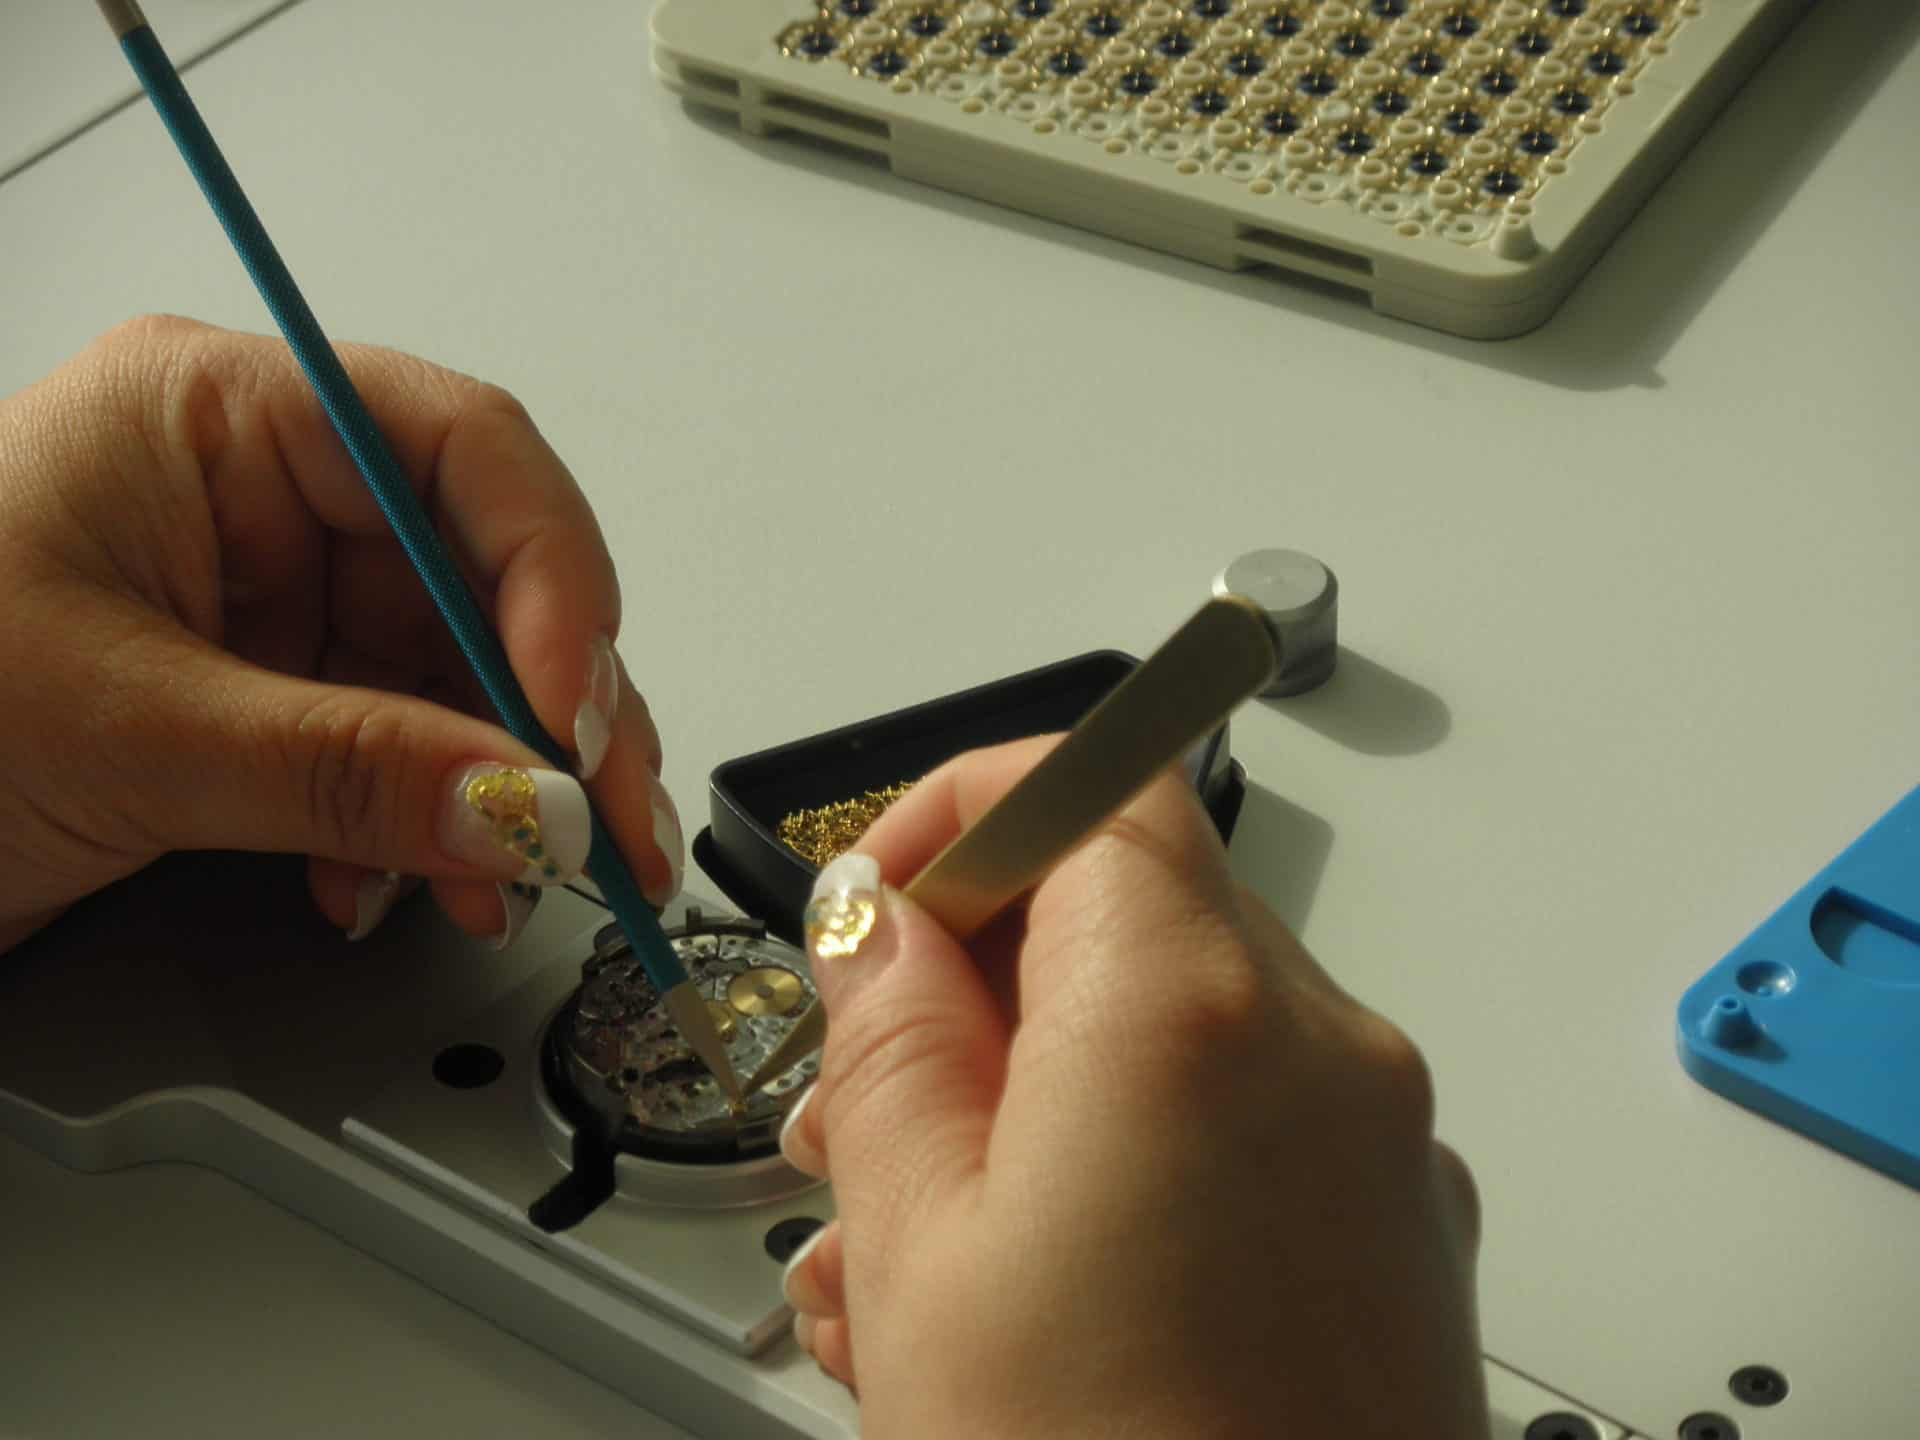 Für Qualität kommt es auf die Sorgfalt des Uhrwerkbaus an